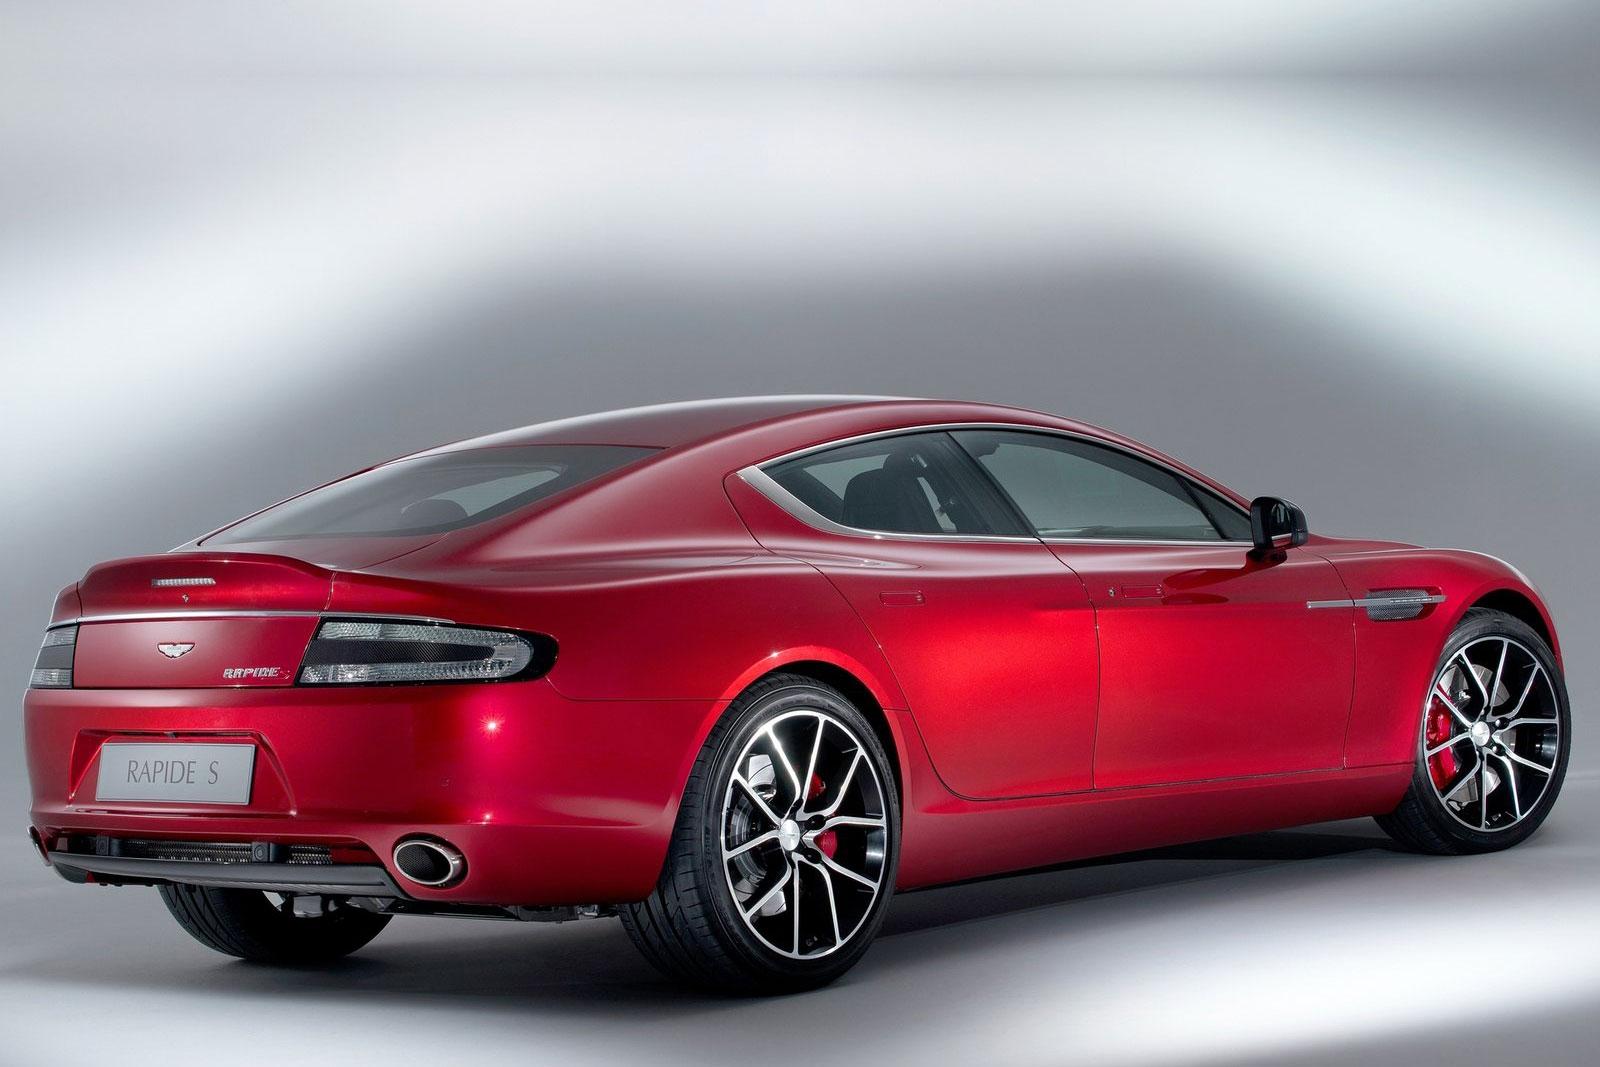 Aston -Martin -Rapide -rear